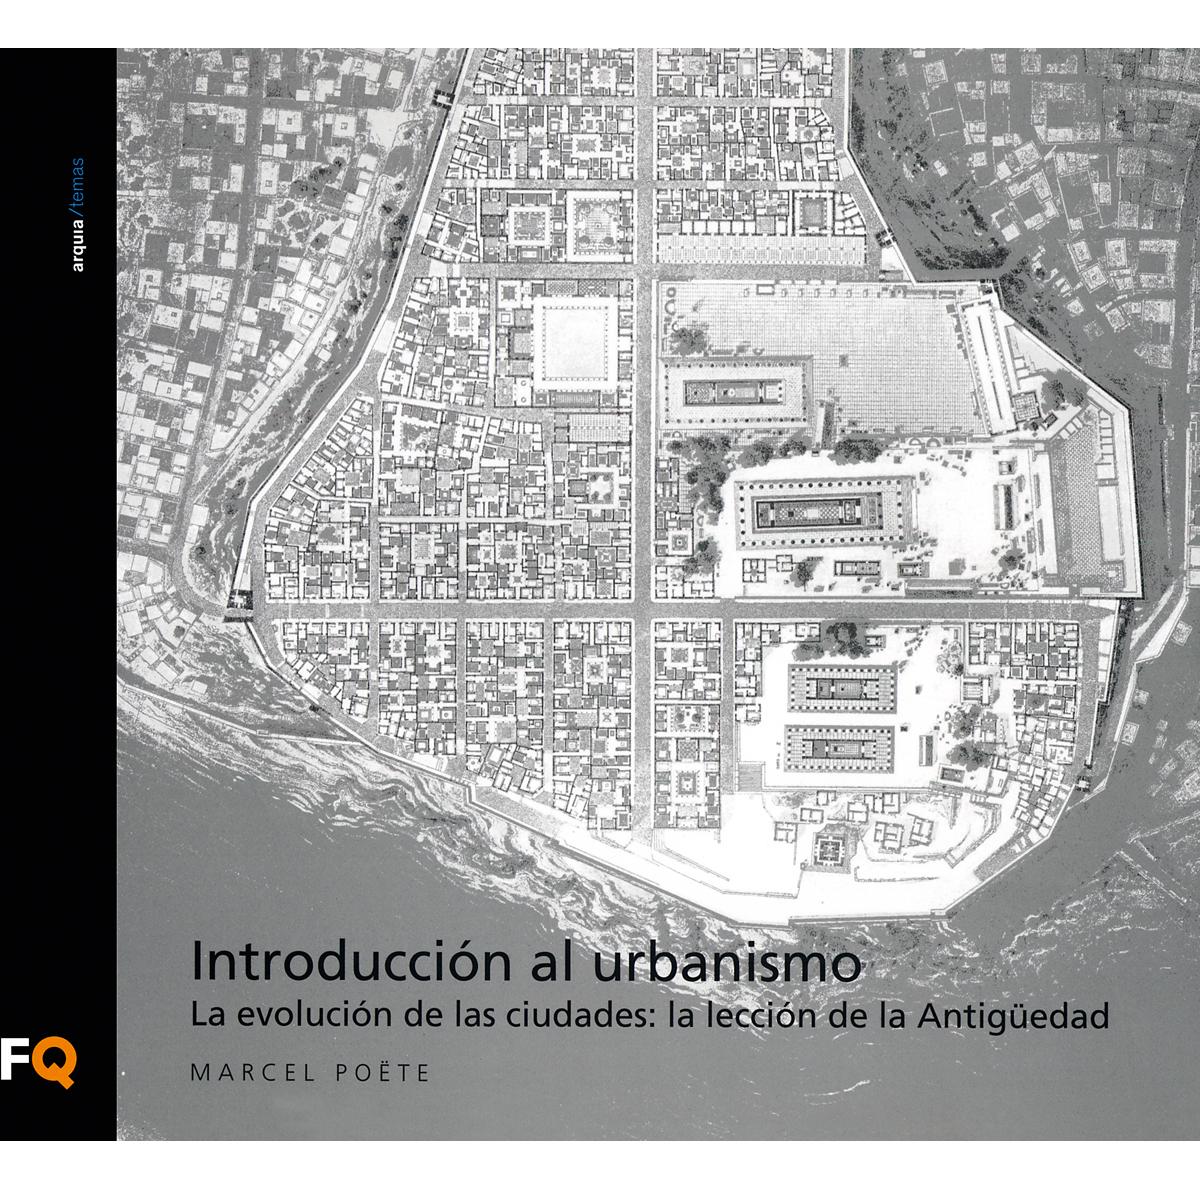 Introducción al urbanismo